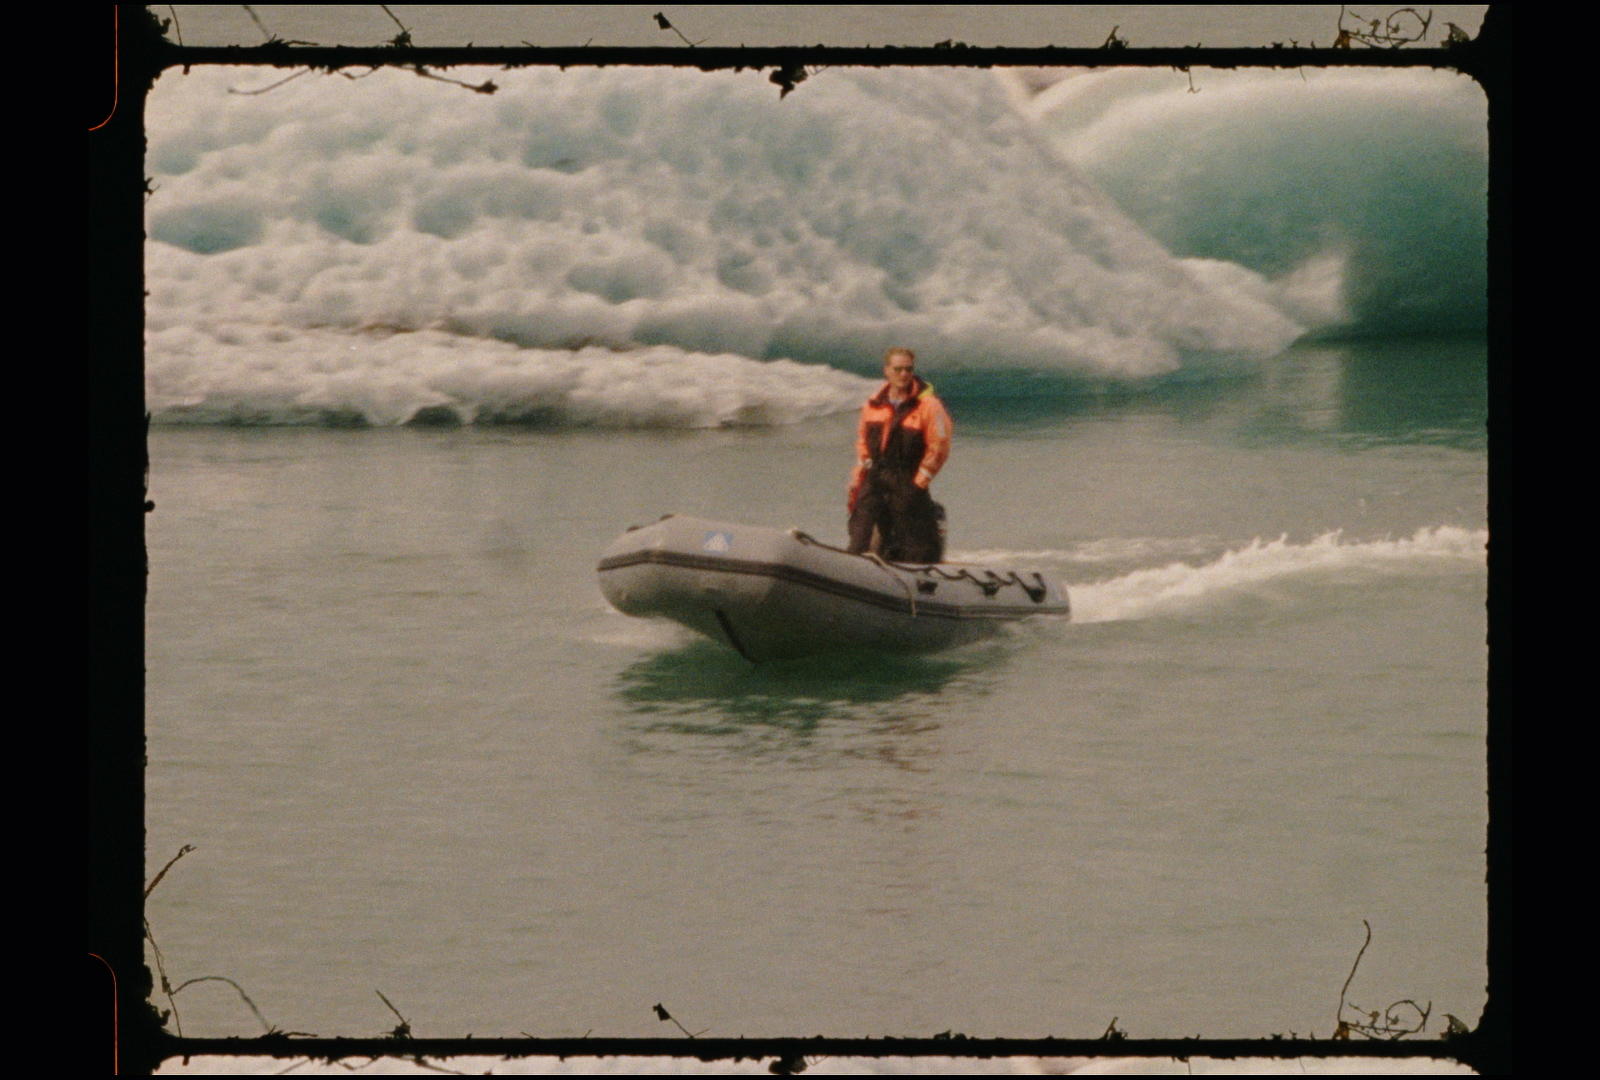 Iceland_FINAL.00_02_04_03.Still007.JPG